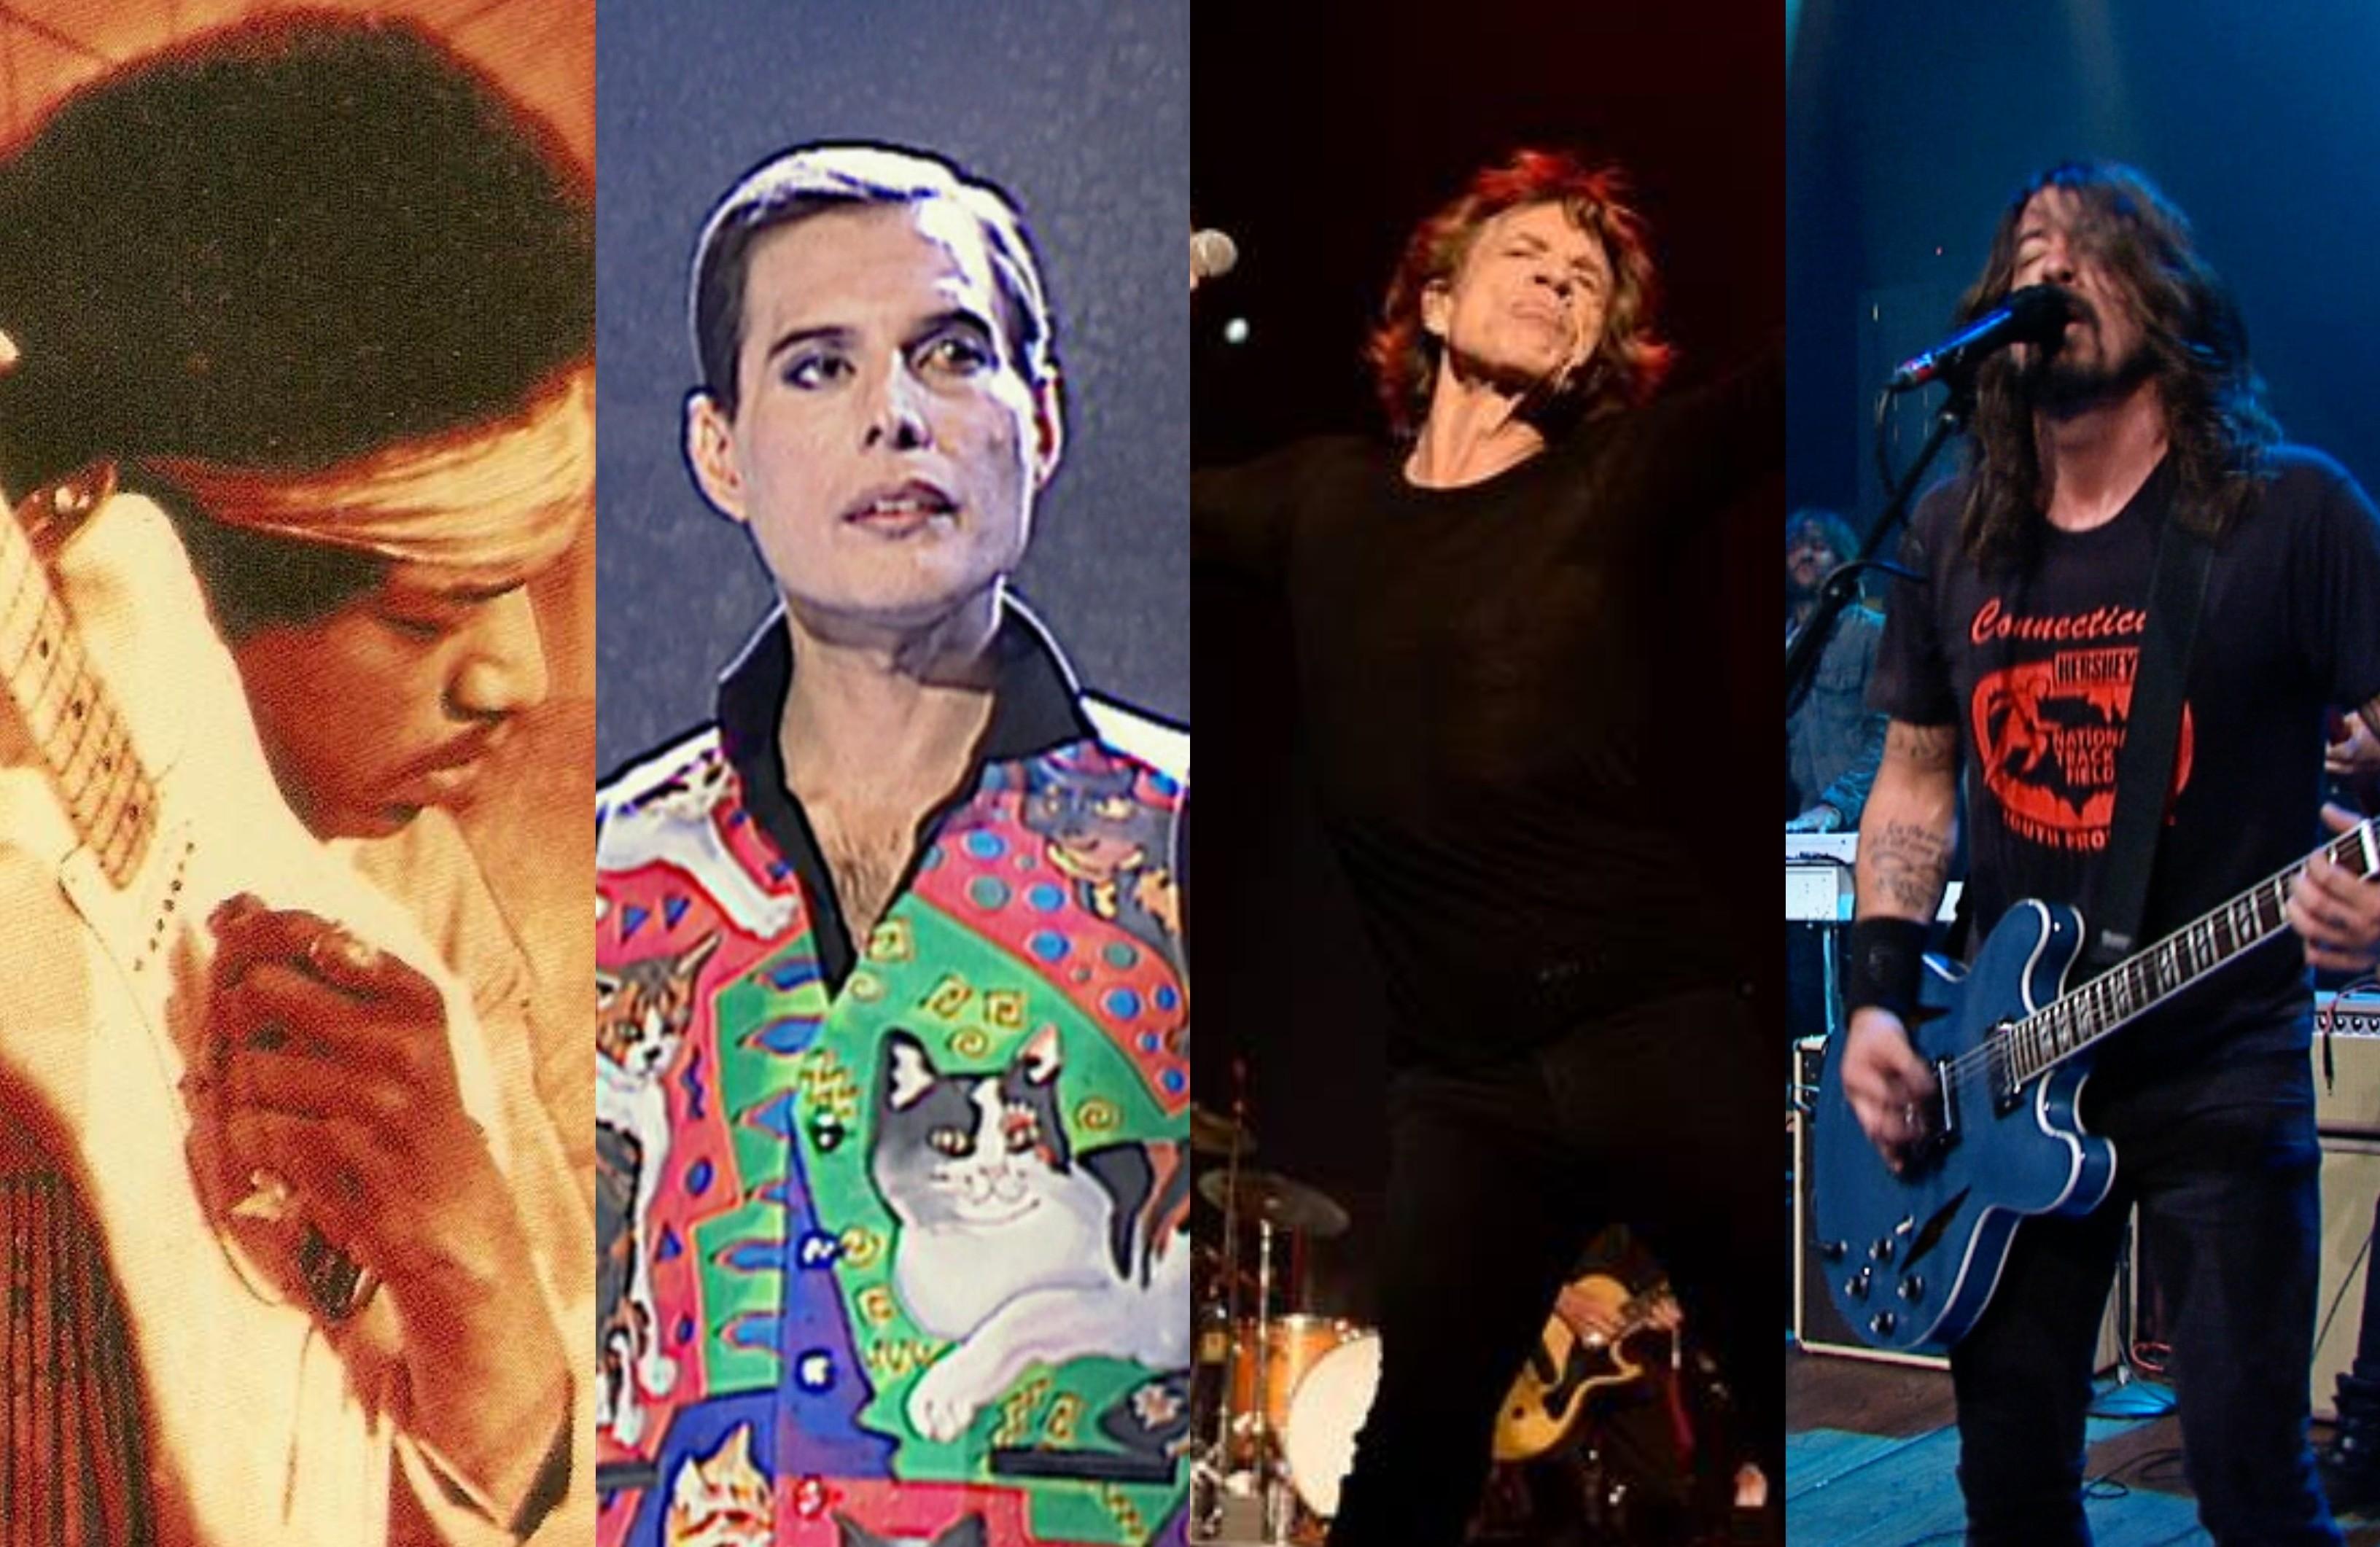 Dia Mundial do Rock no BIS tem shows e documentrios inditos e exclusivos pra quem curte um bom rock and roll (Foto: Divulgao)